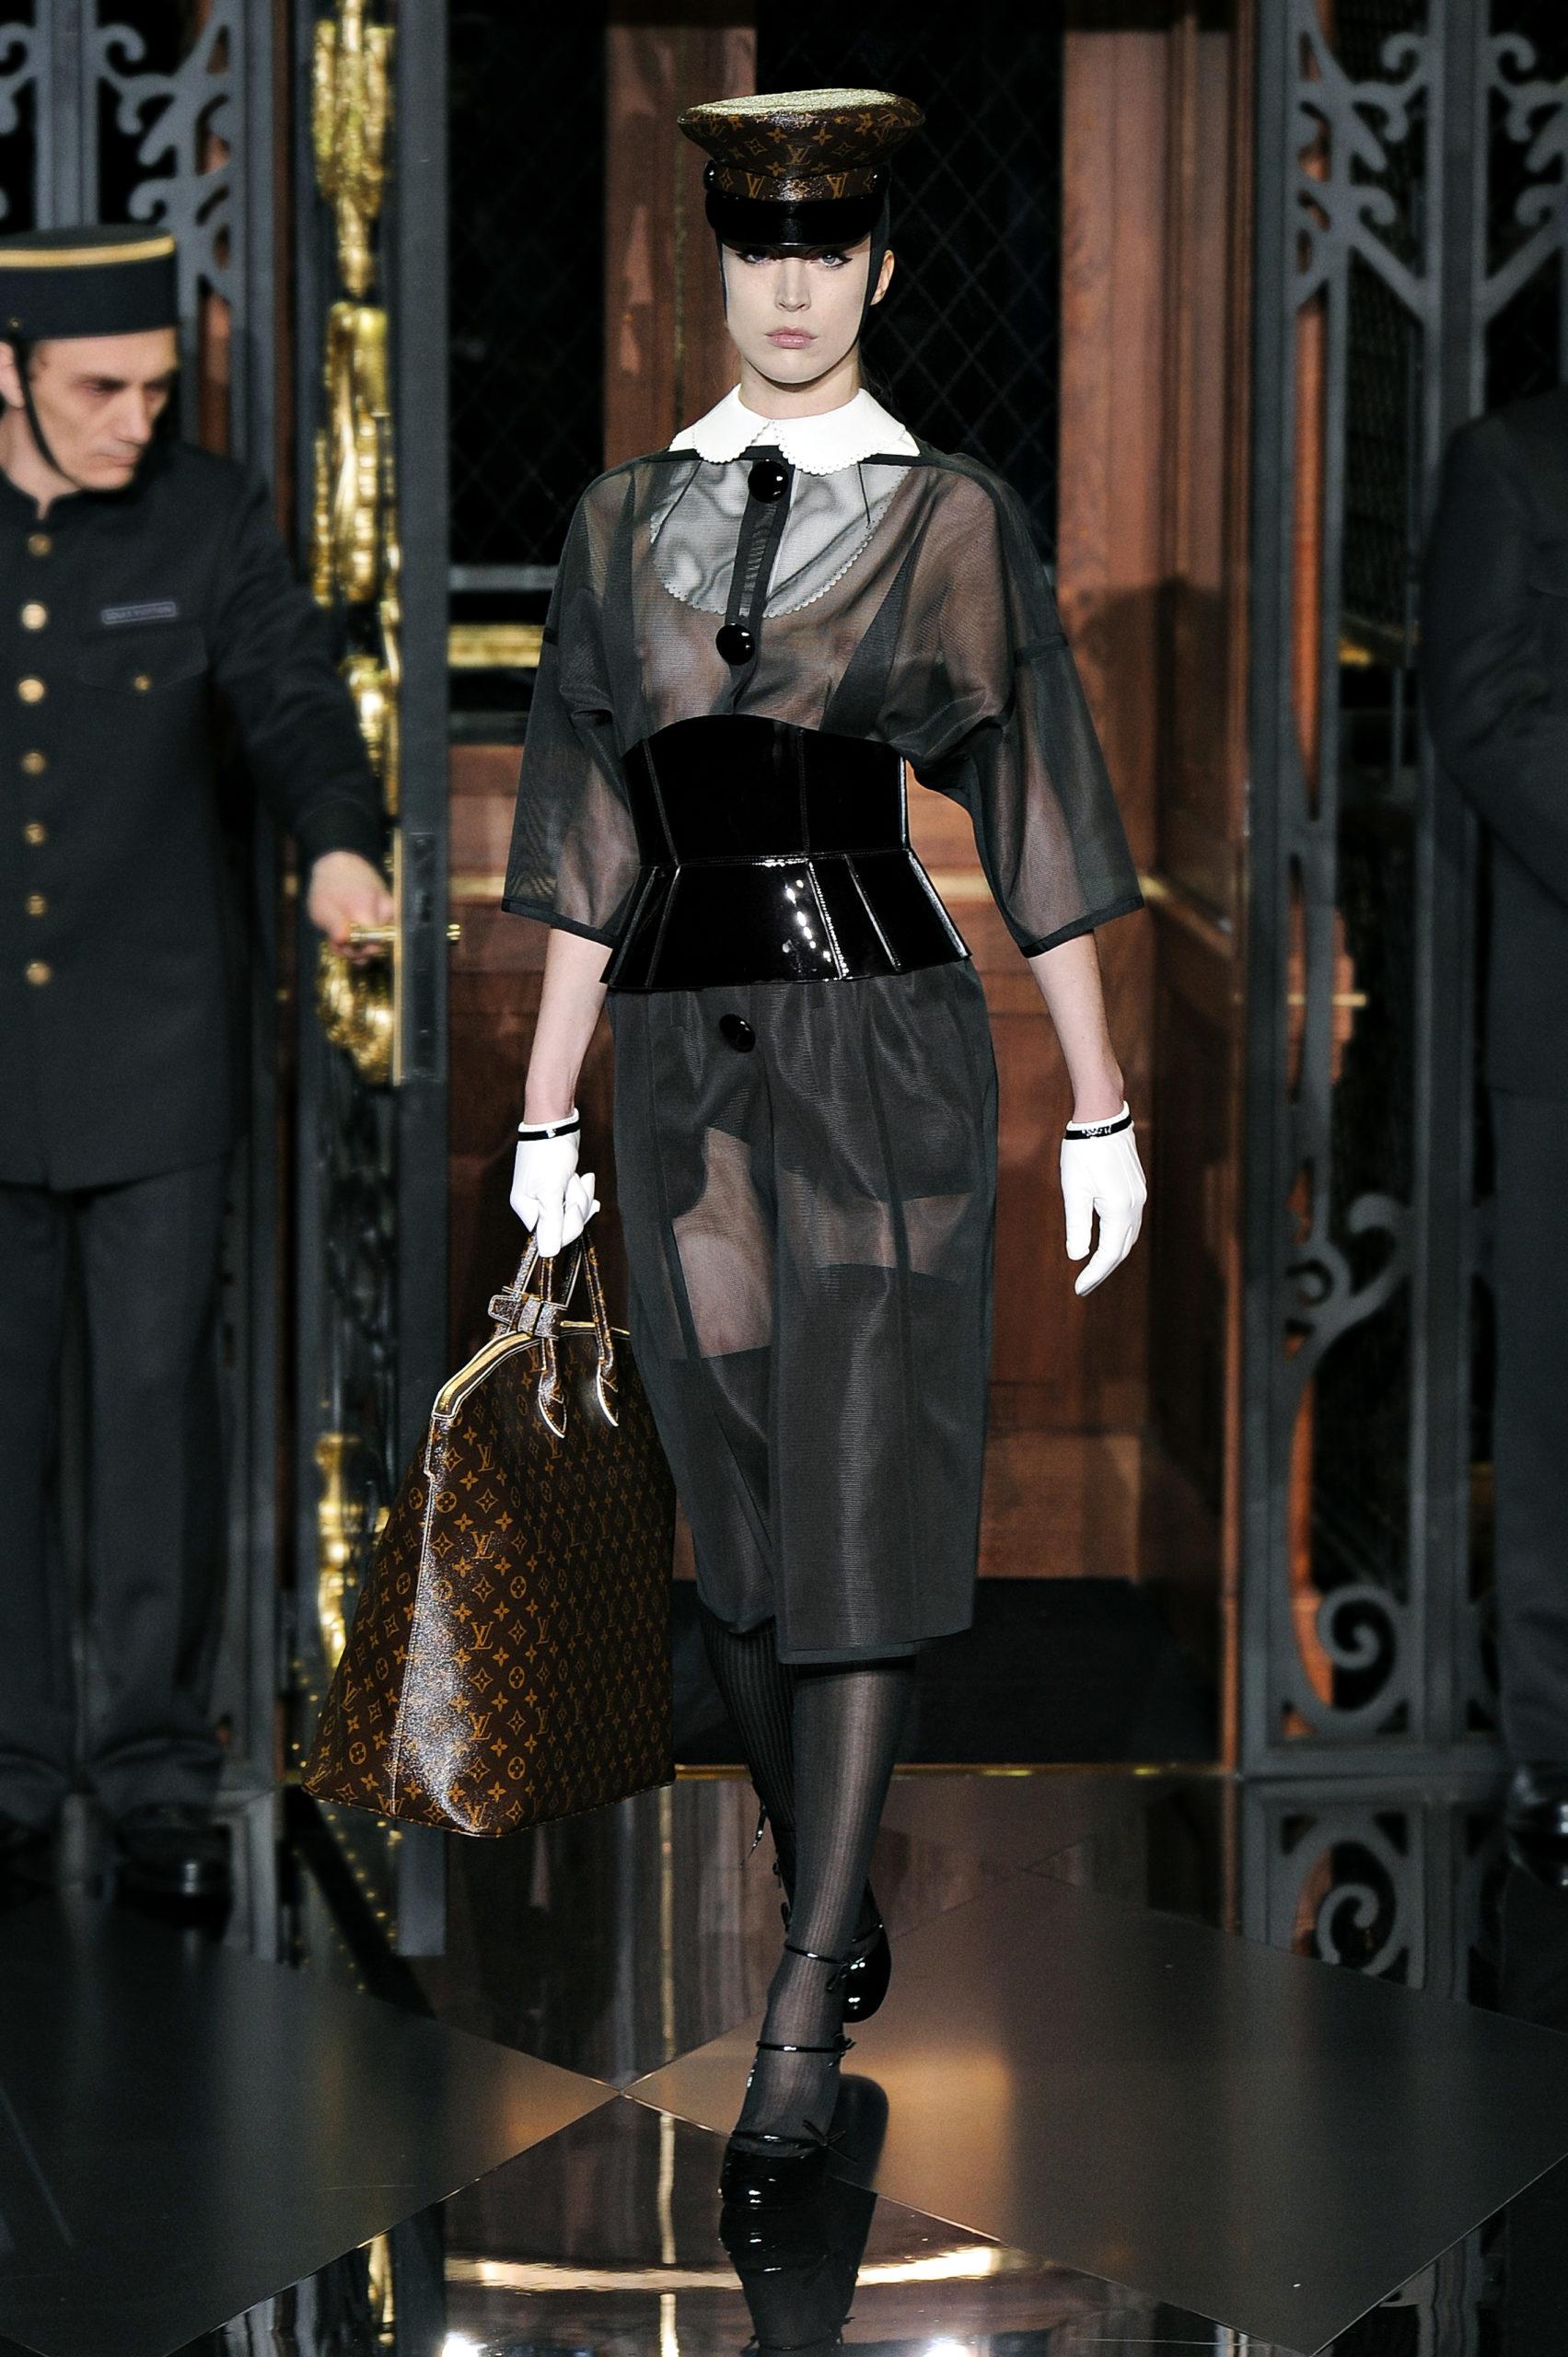 Corset Hubert Barrere pour Louis Vuitton par Marc Jacobs